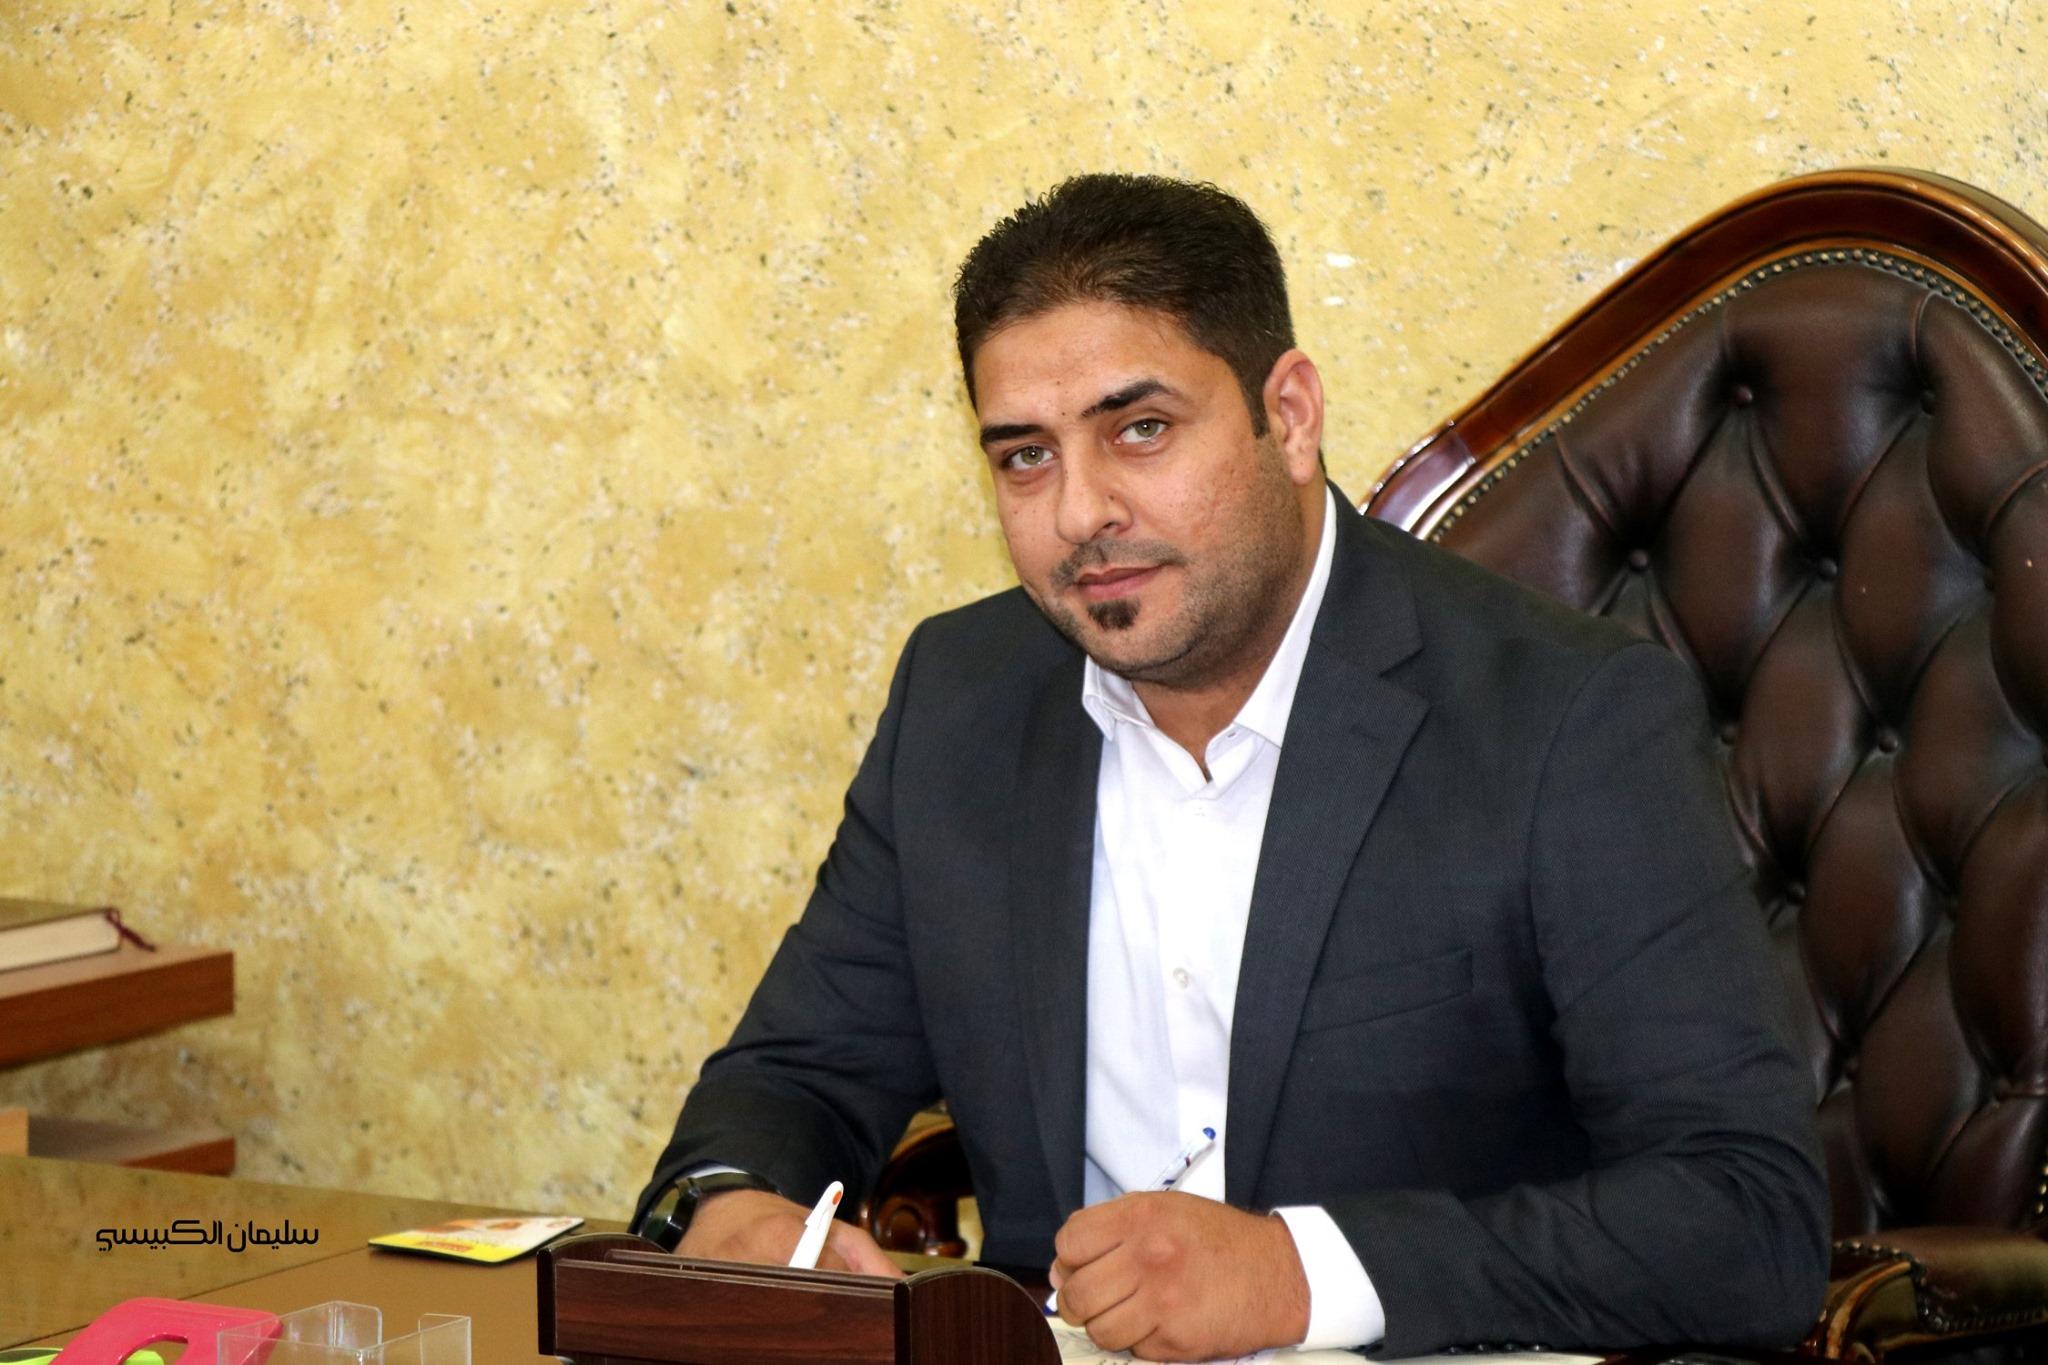 سليمان الكبيسي: منح البرلمان الثقة للكاظمي وحكومته بادرة خير للعراقيين